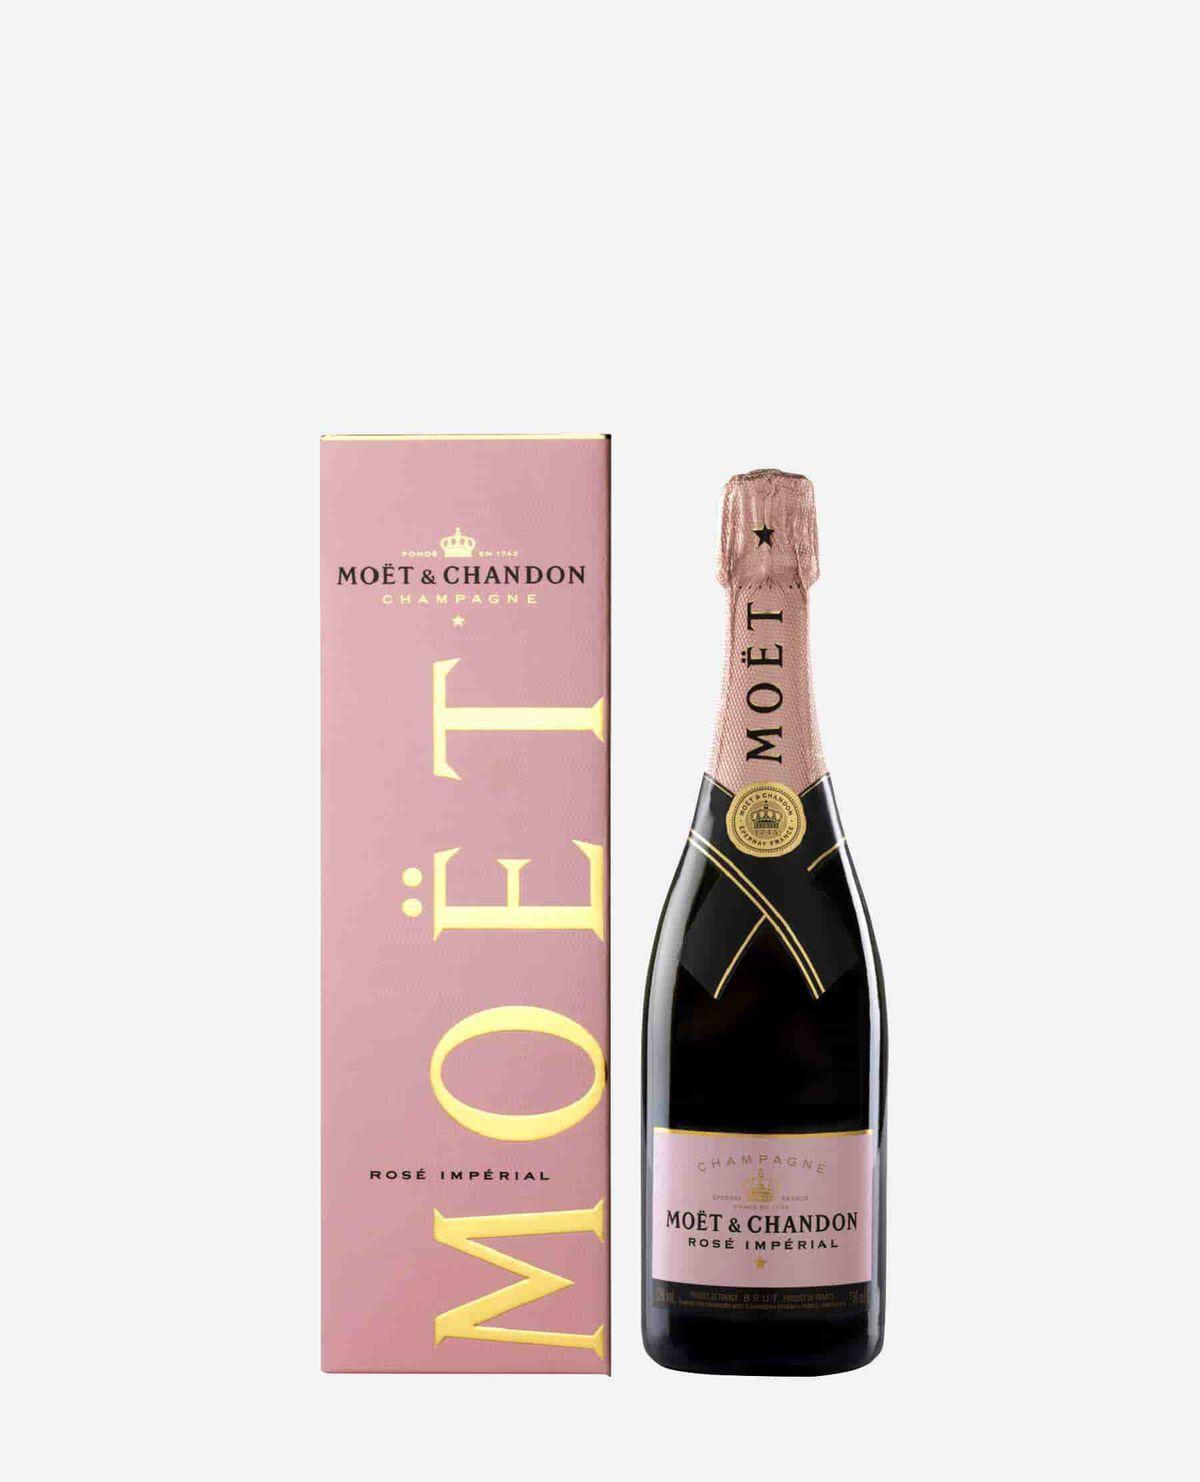 ロゼ アンペリアル シャンパン